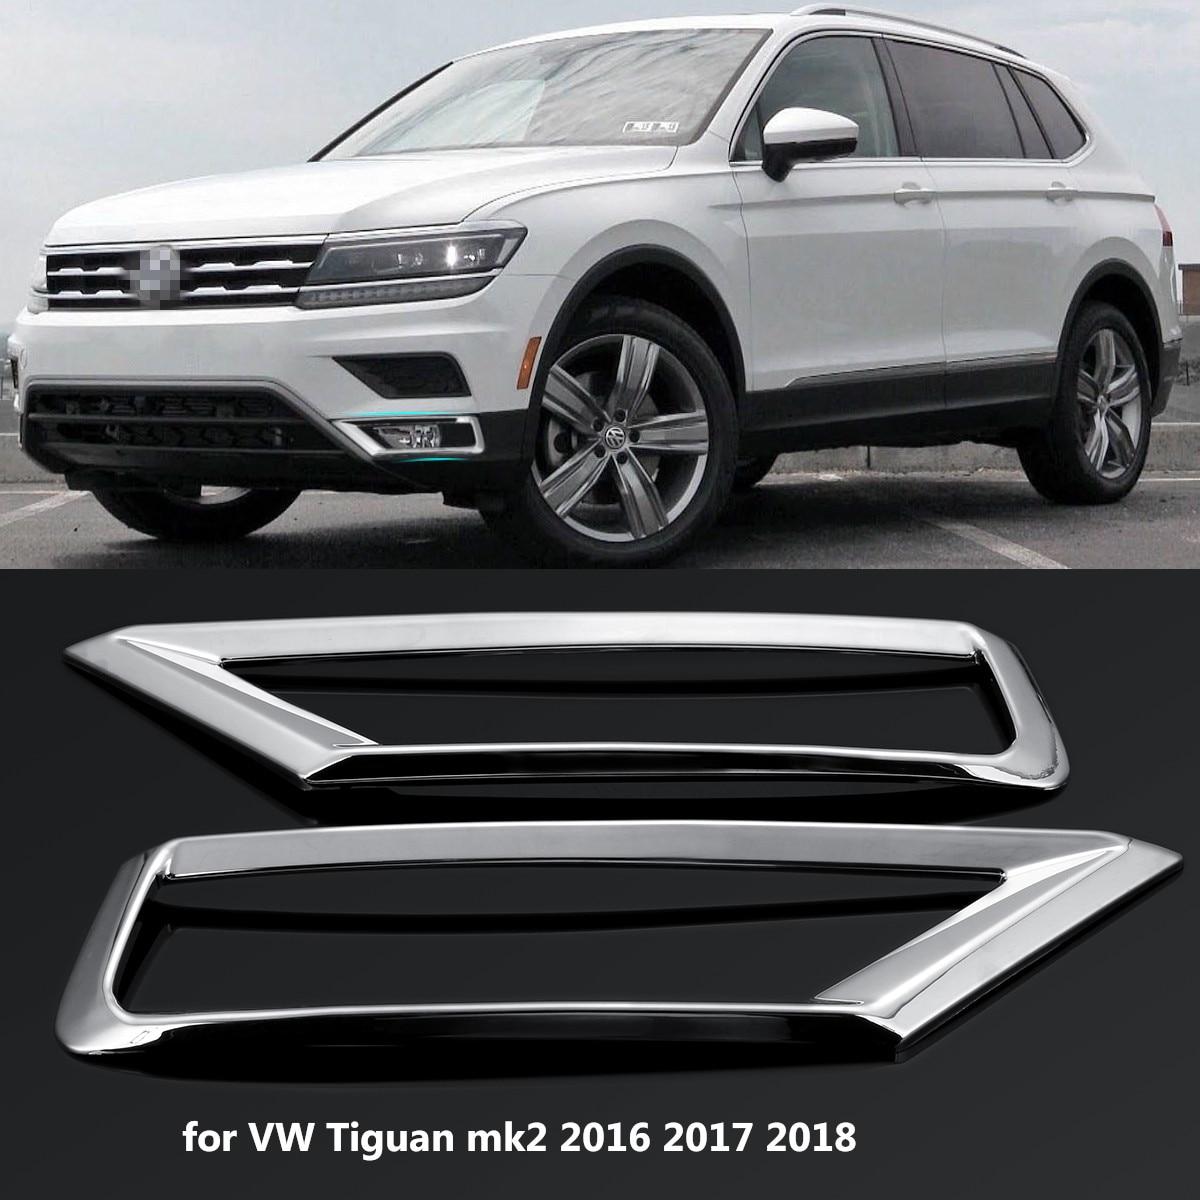 2 x frente do carro luz de nevoeiro lâmpada capa guarnição abs chrome decoração adesivo estilo do carro para volkswagen vw tiguan mk2 2016 2017 2018